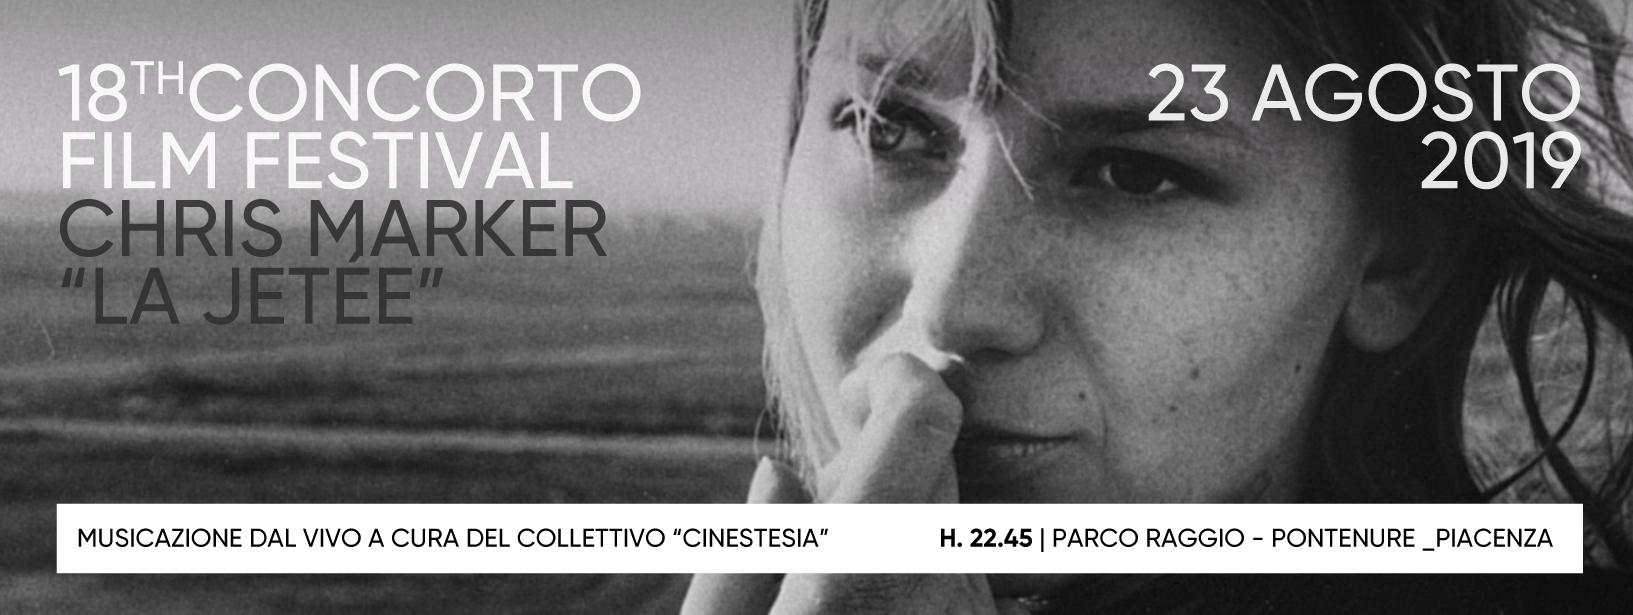 214ce72292 Concorto, Autore a Concorto Film Festival